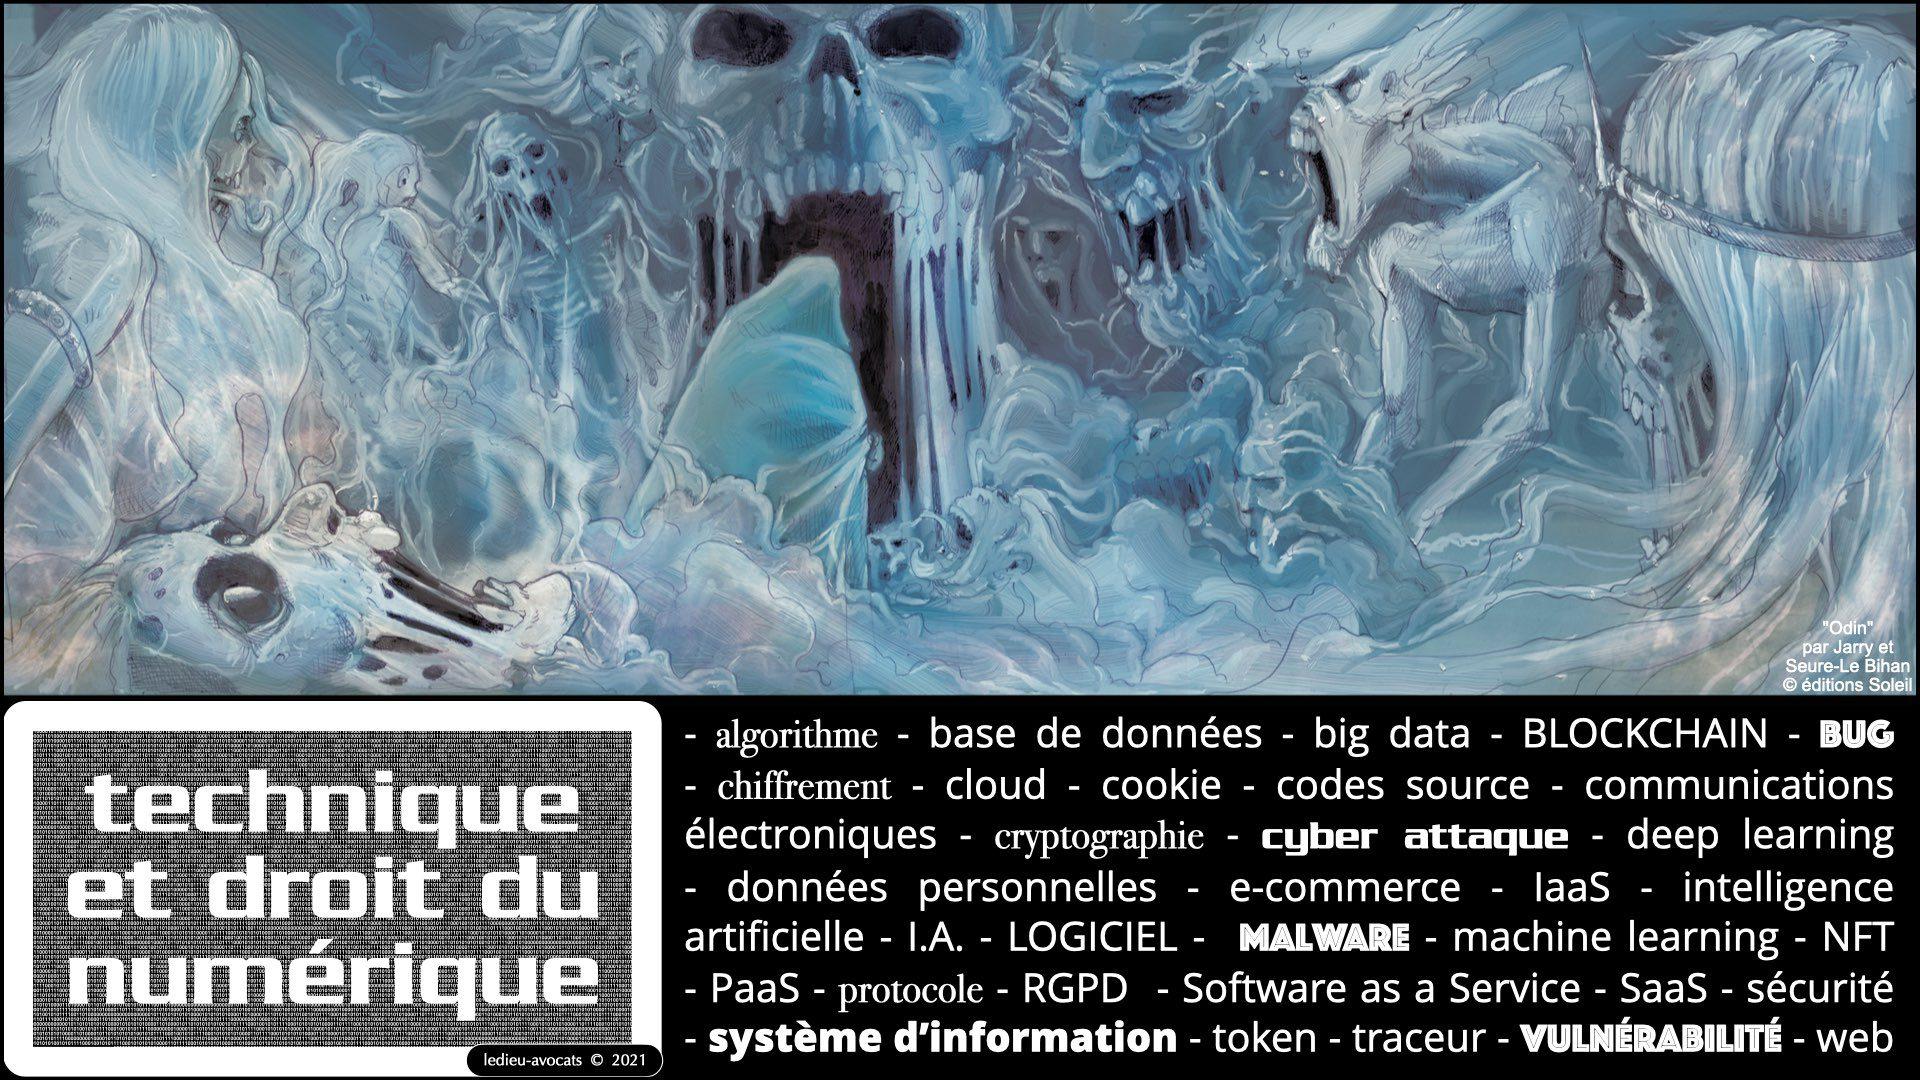 © Ledieu-Avocats technique droit numérique 30-08-2021